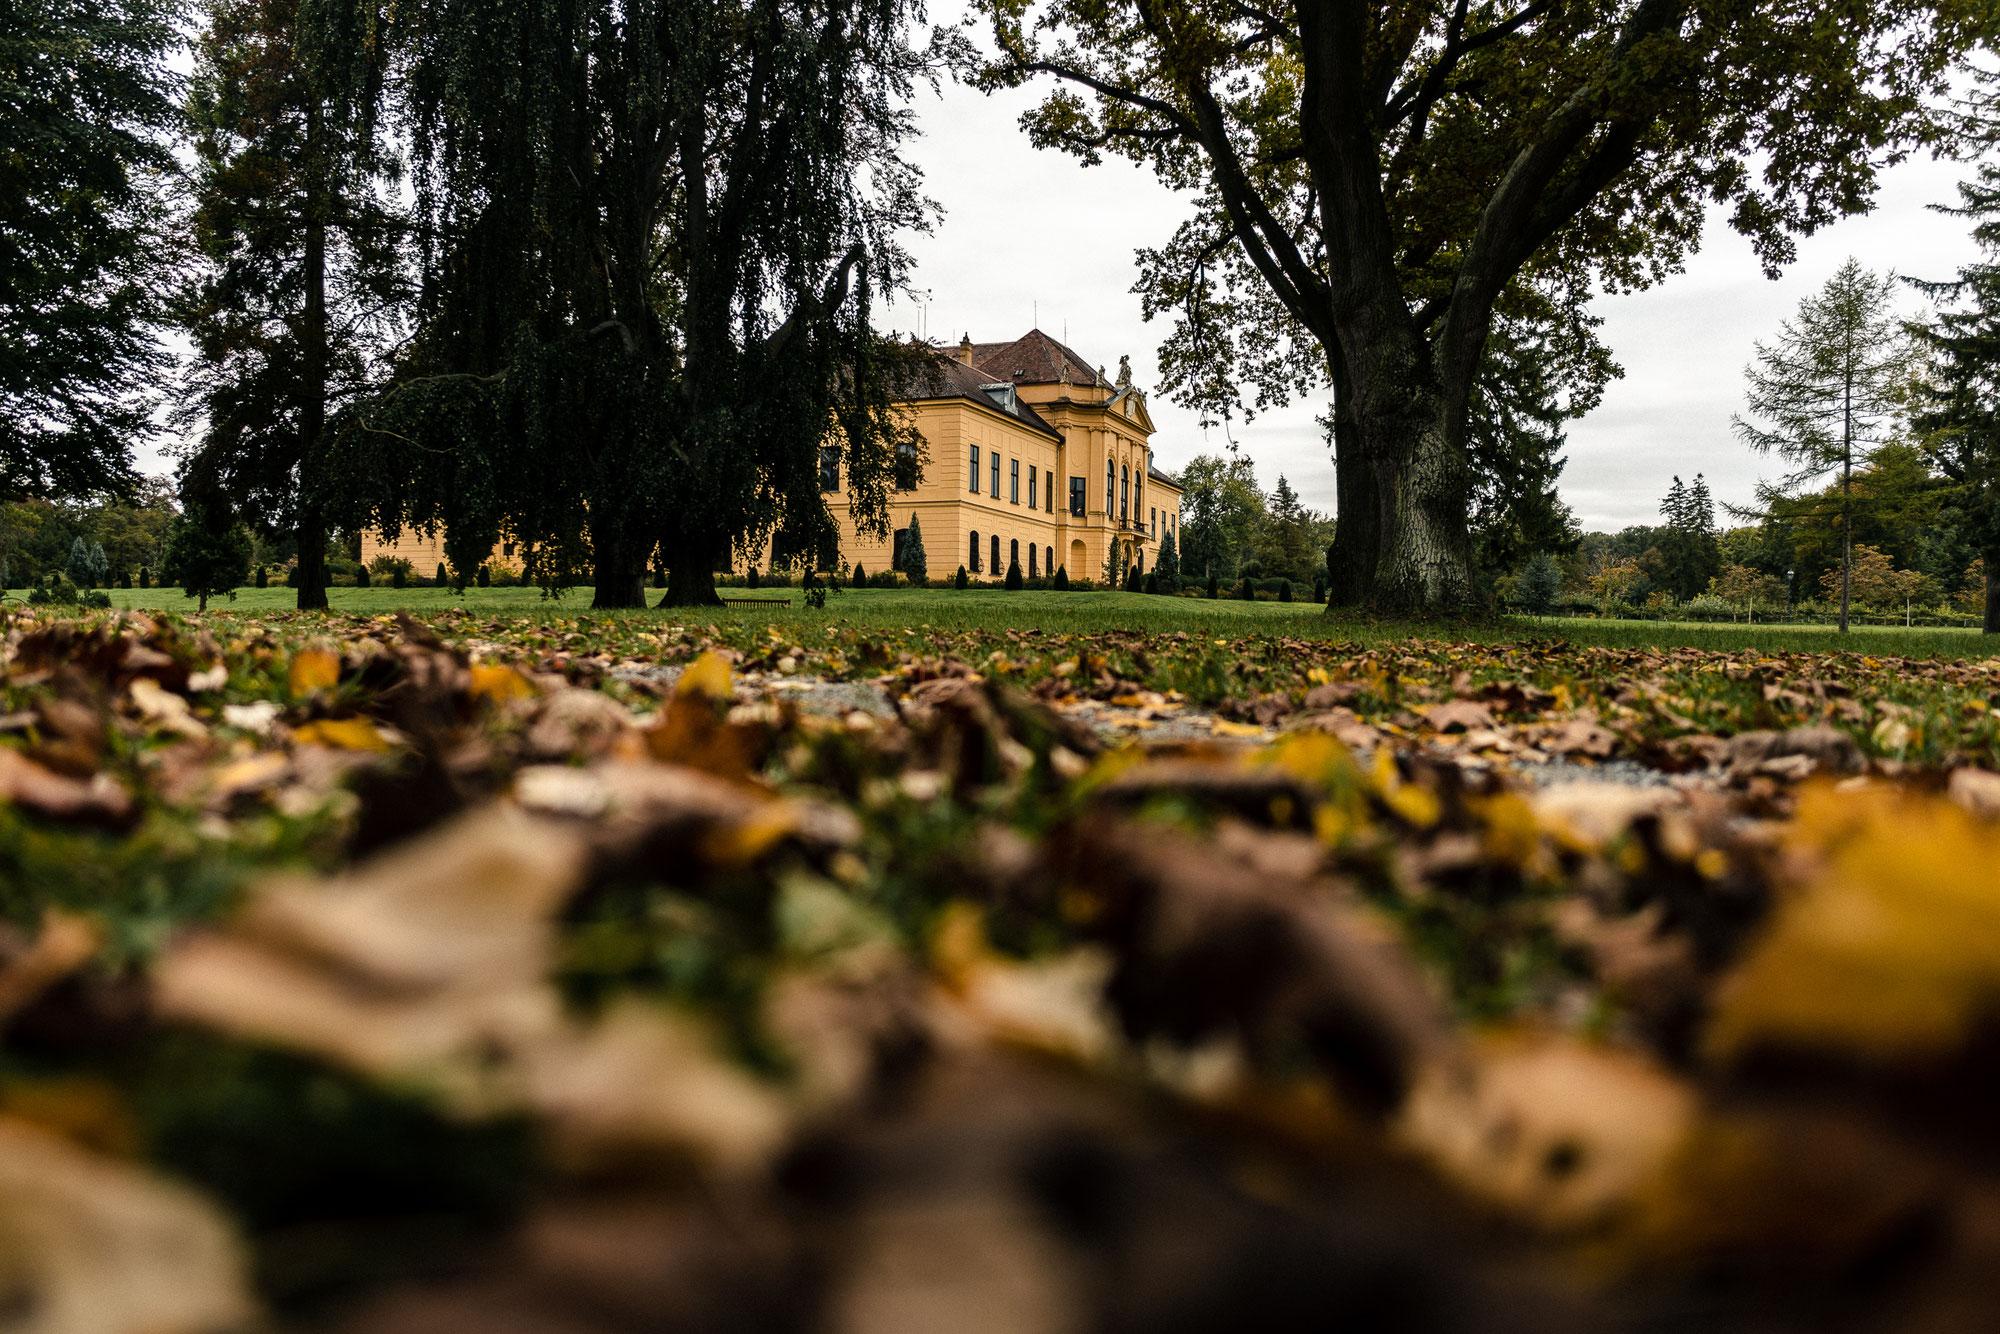 Fotowalk beim Schloss Eckartsau - Kreative Fotowerkstatt Marchfeld